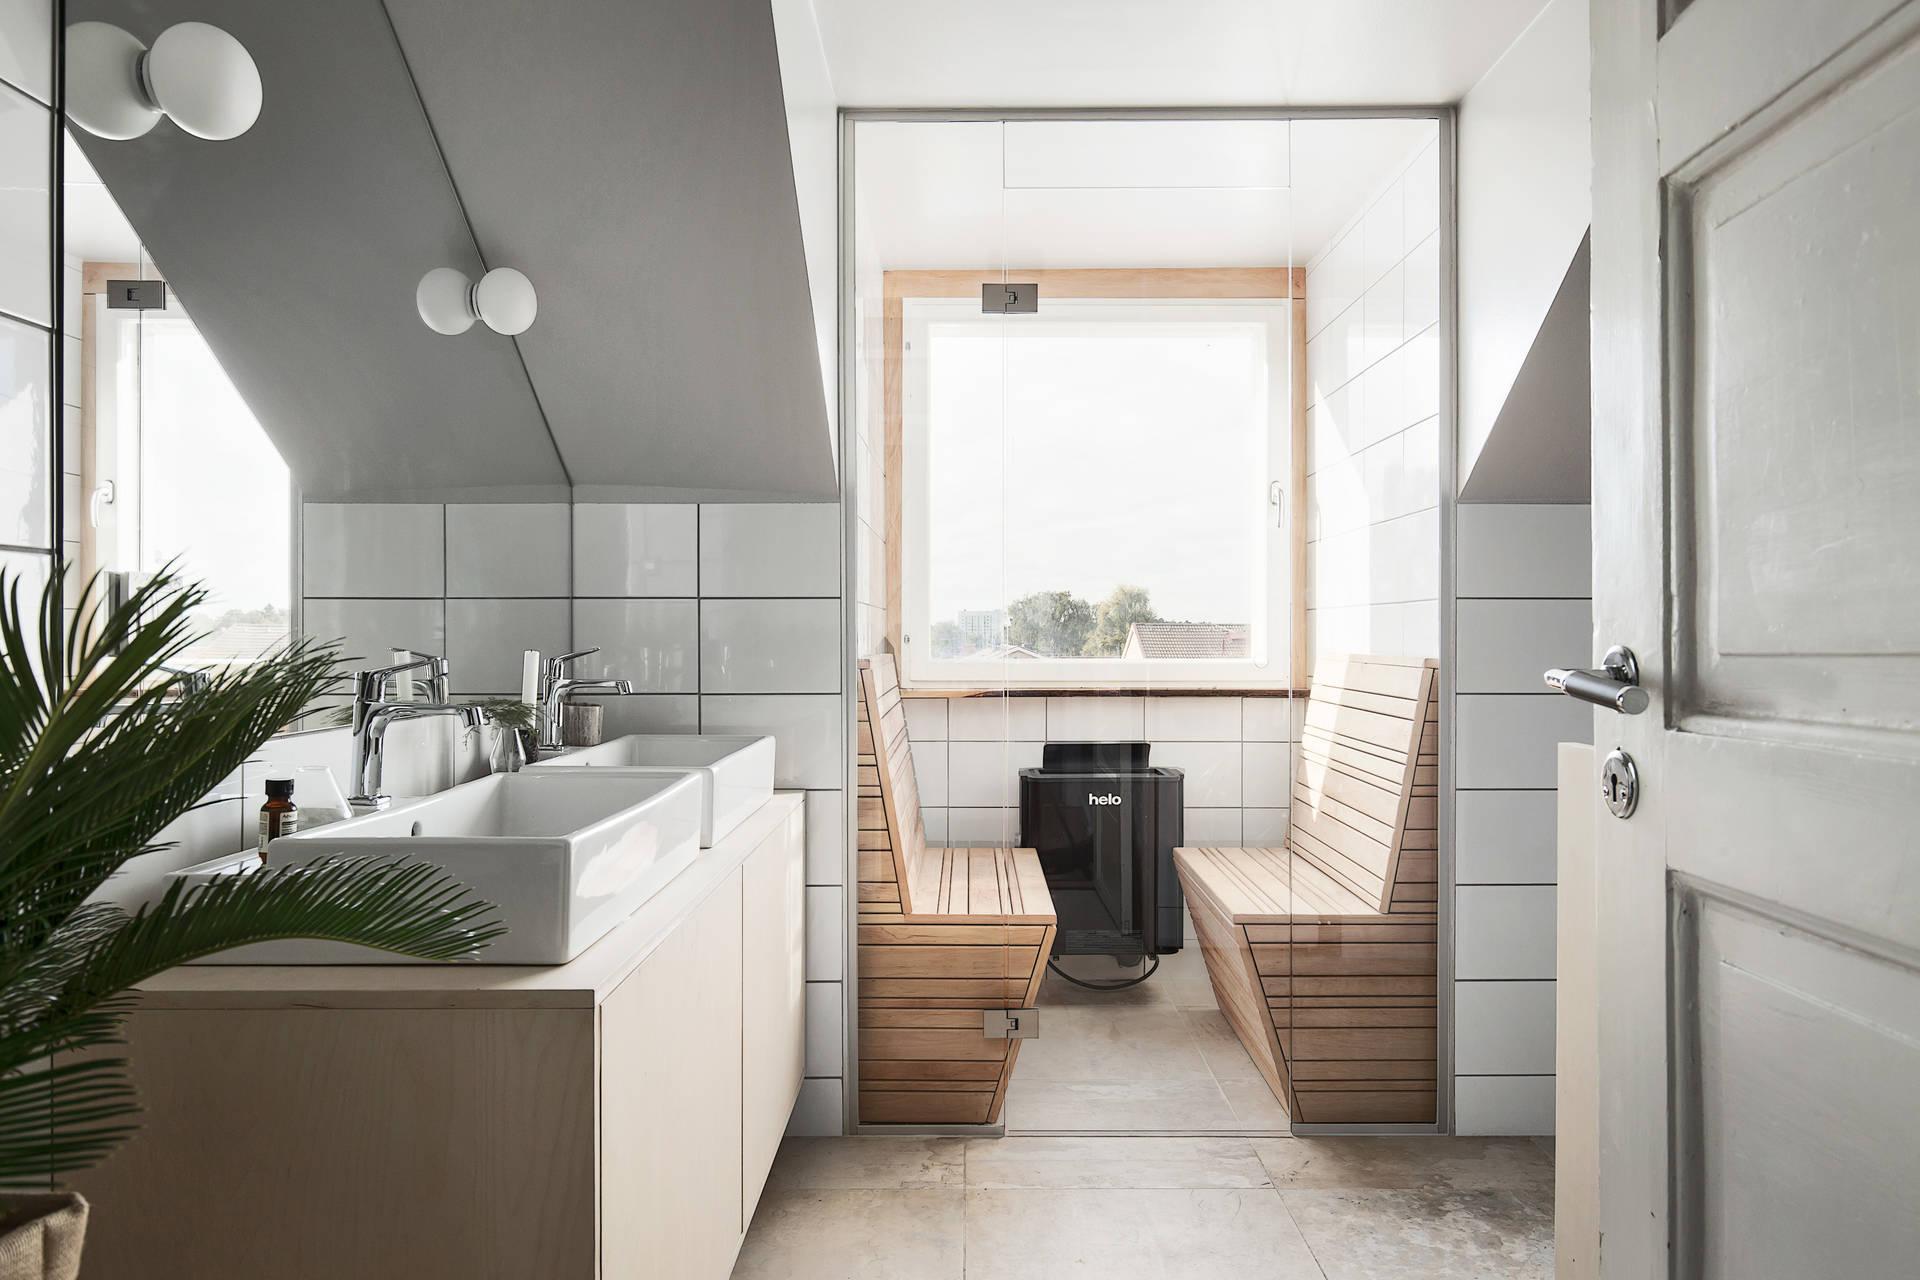 мансарда ванная комната раковина зеркало сауна